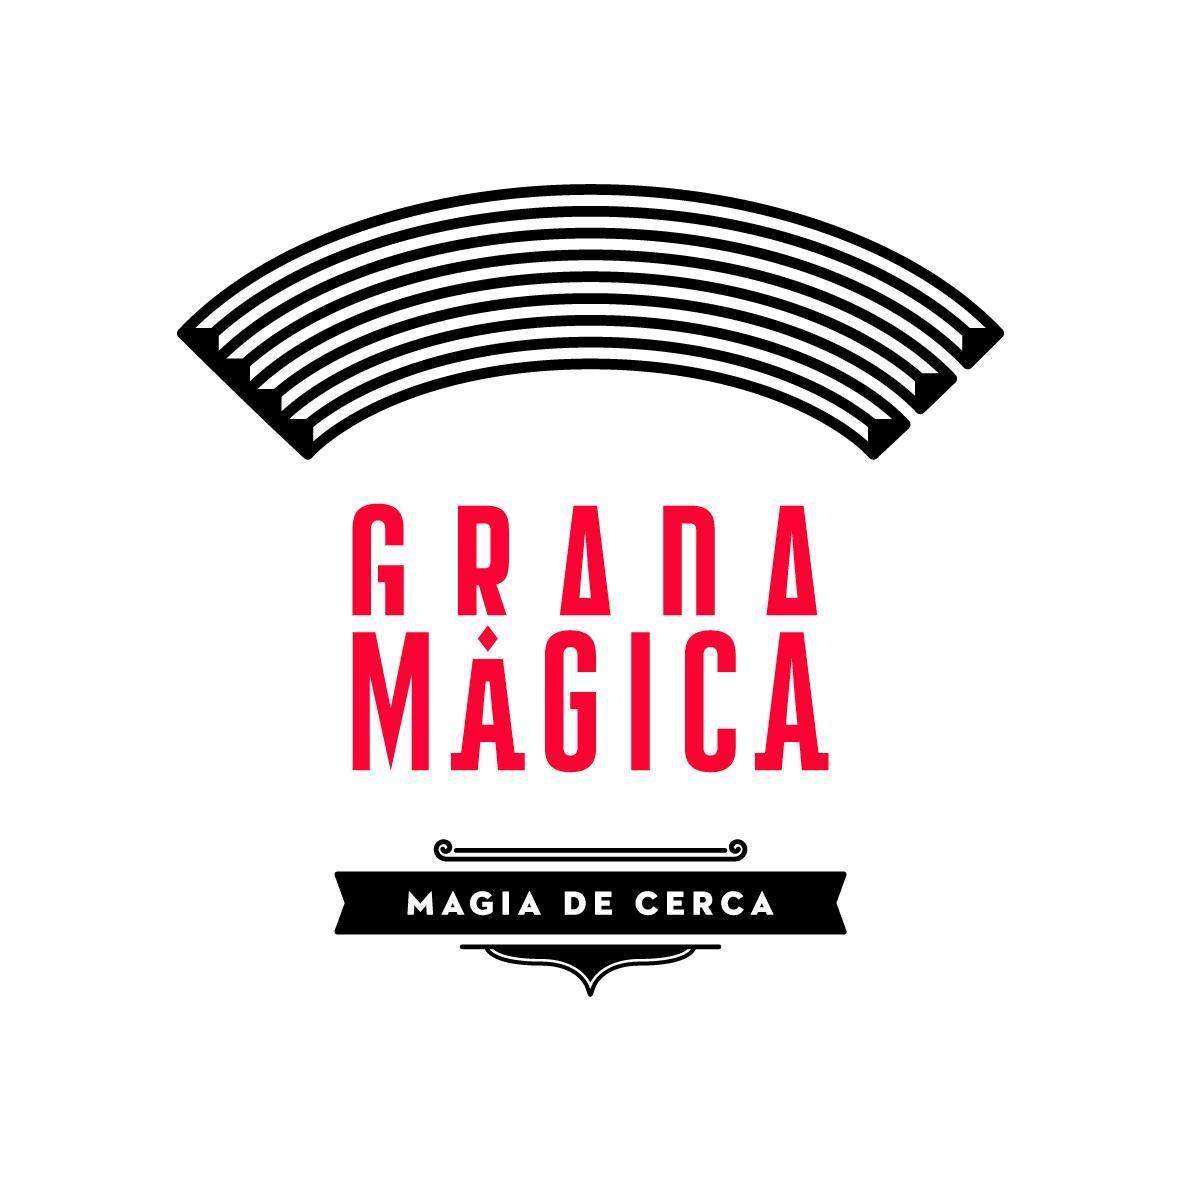 Grada Mágica